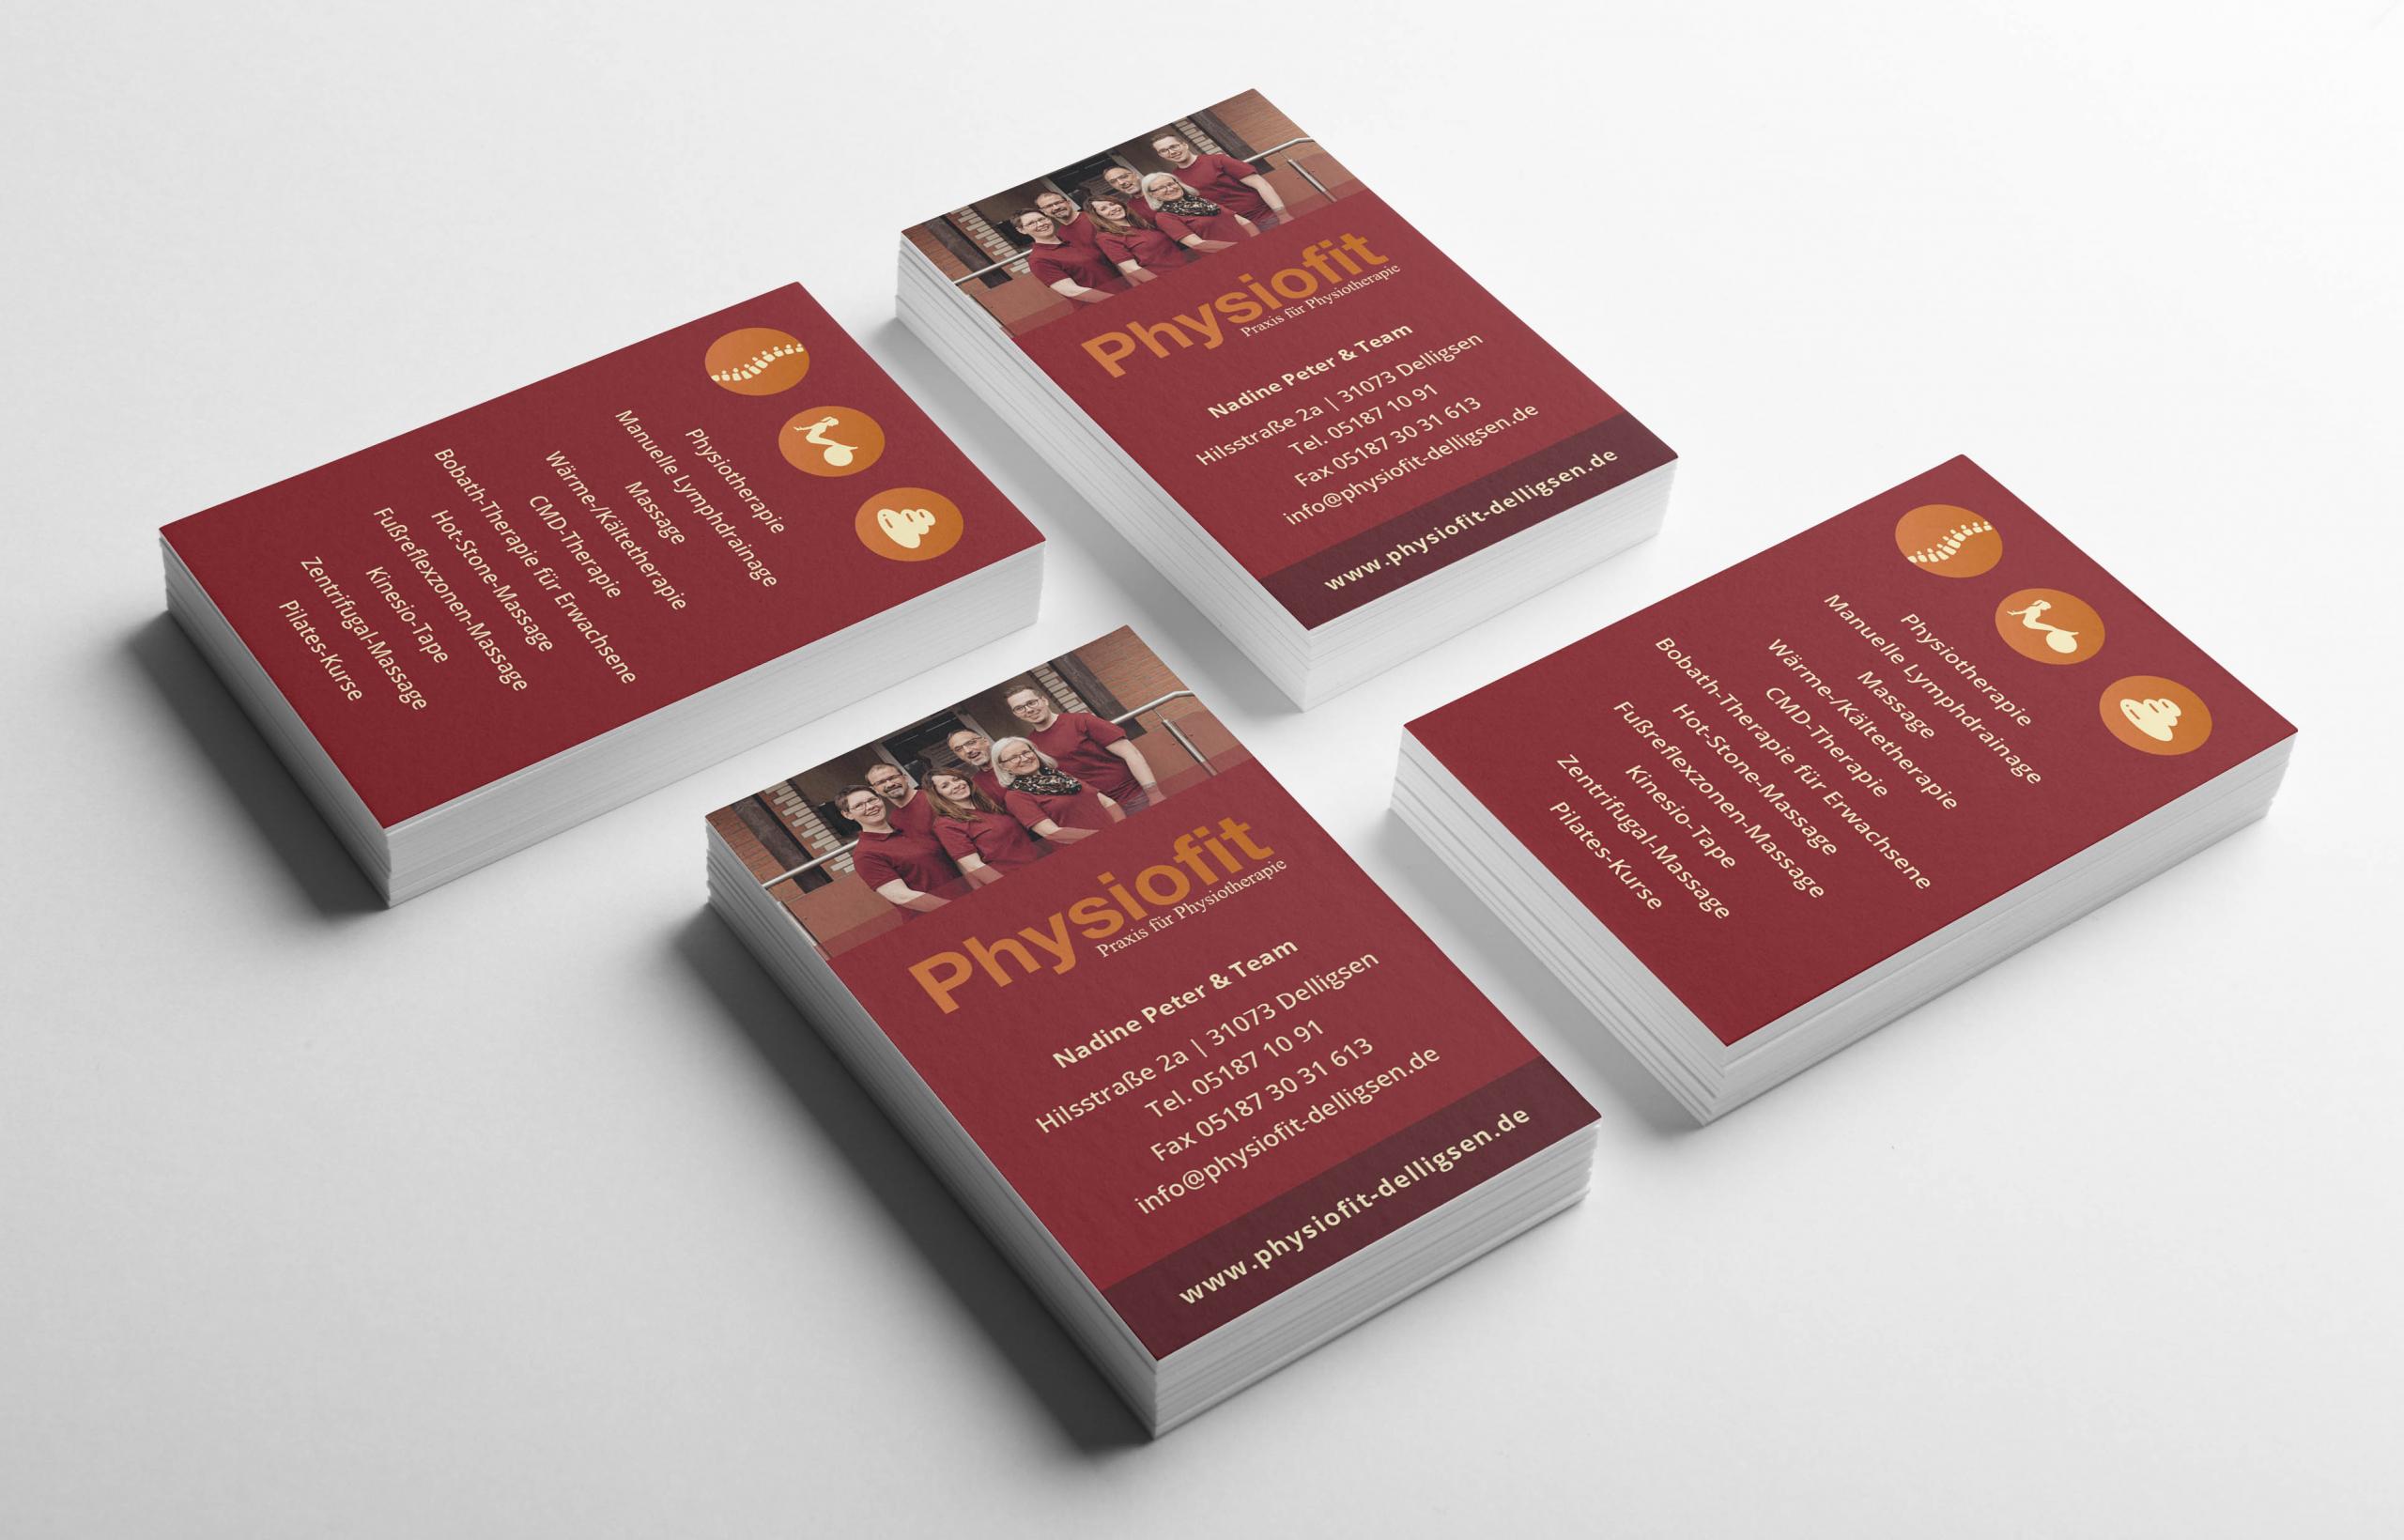 Neu gestaltete Visitenkarten für die Physiotherapie-Praxis Physiofit aus Delligsen